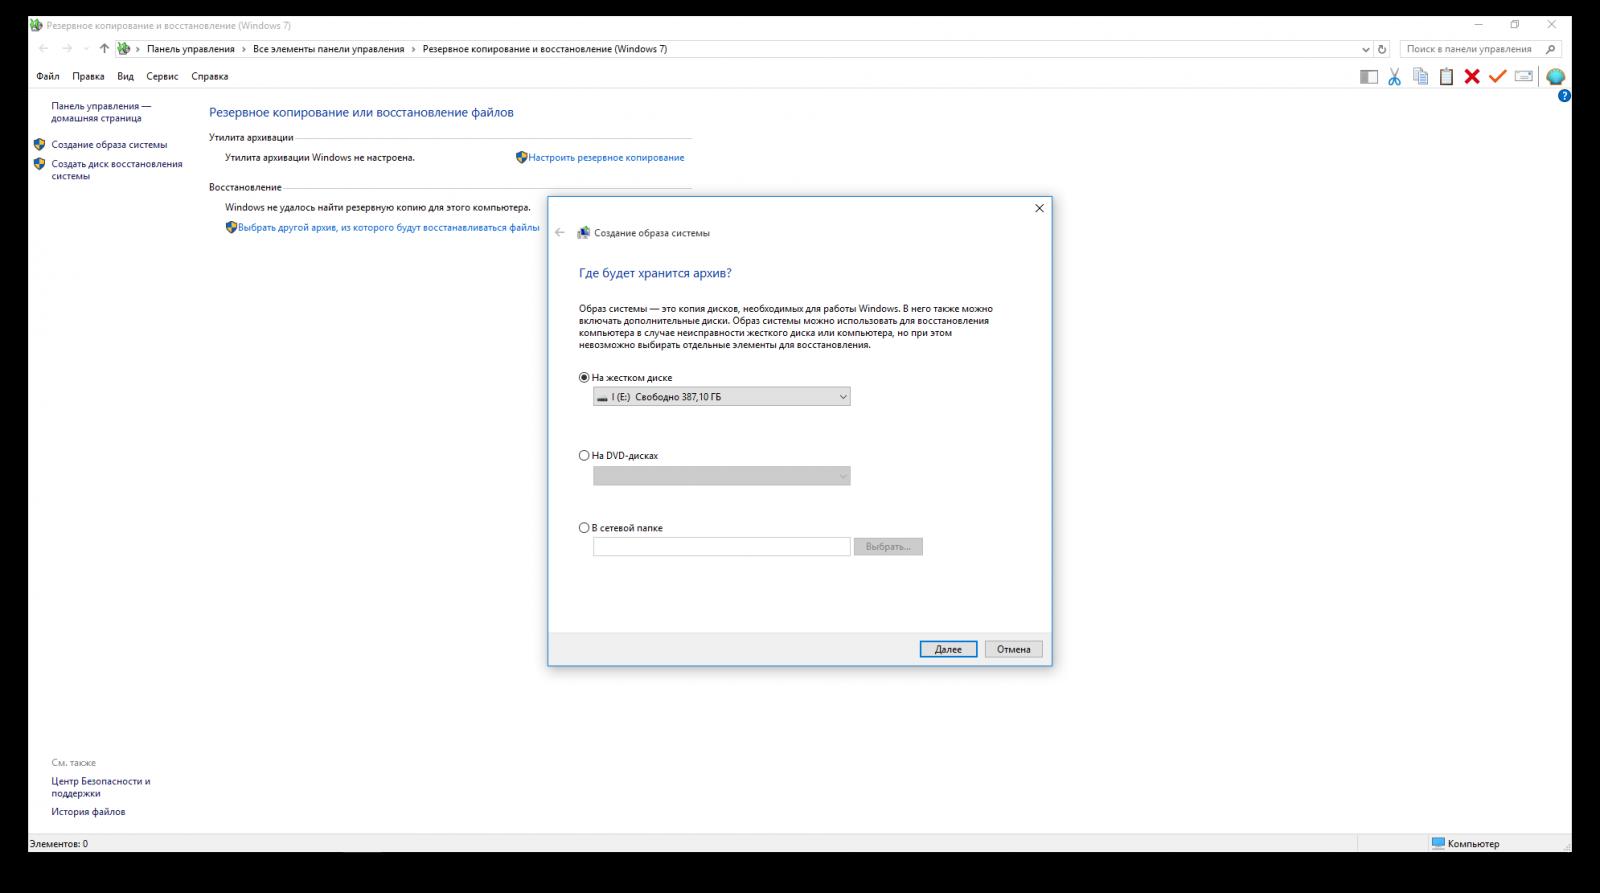 Создание образа системы/ бэкап системы Windows 7 40